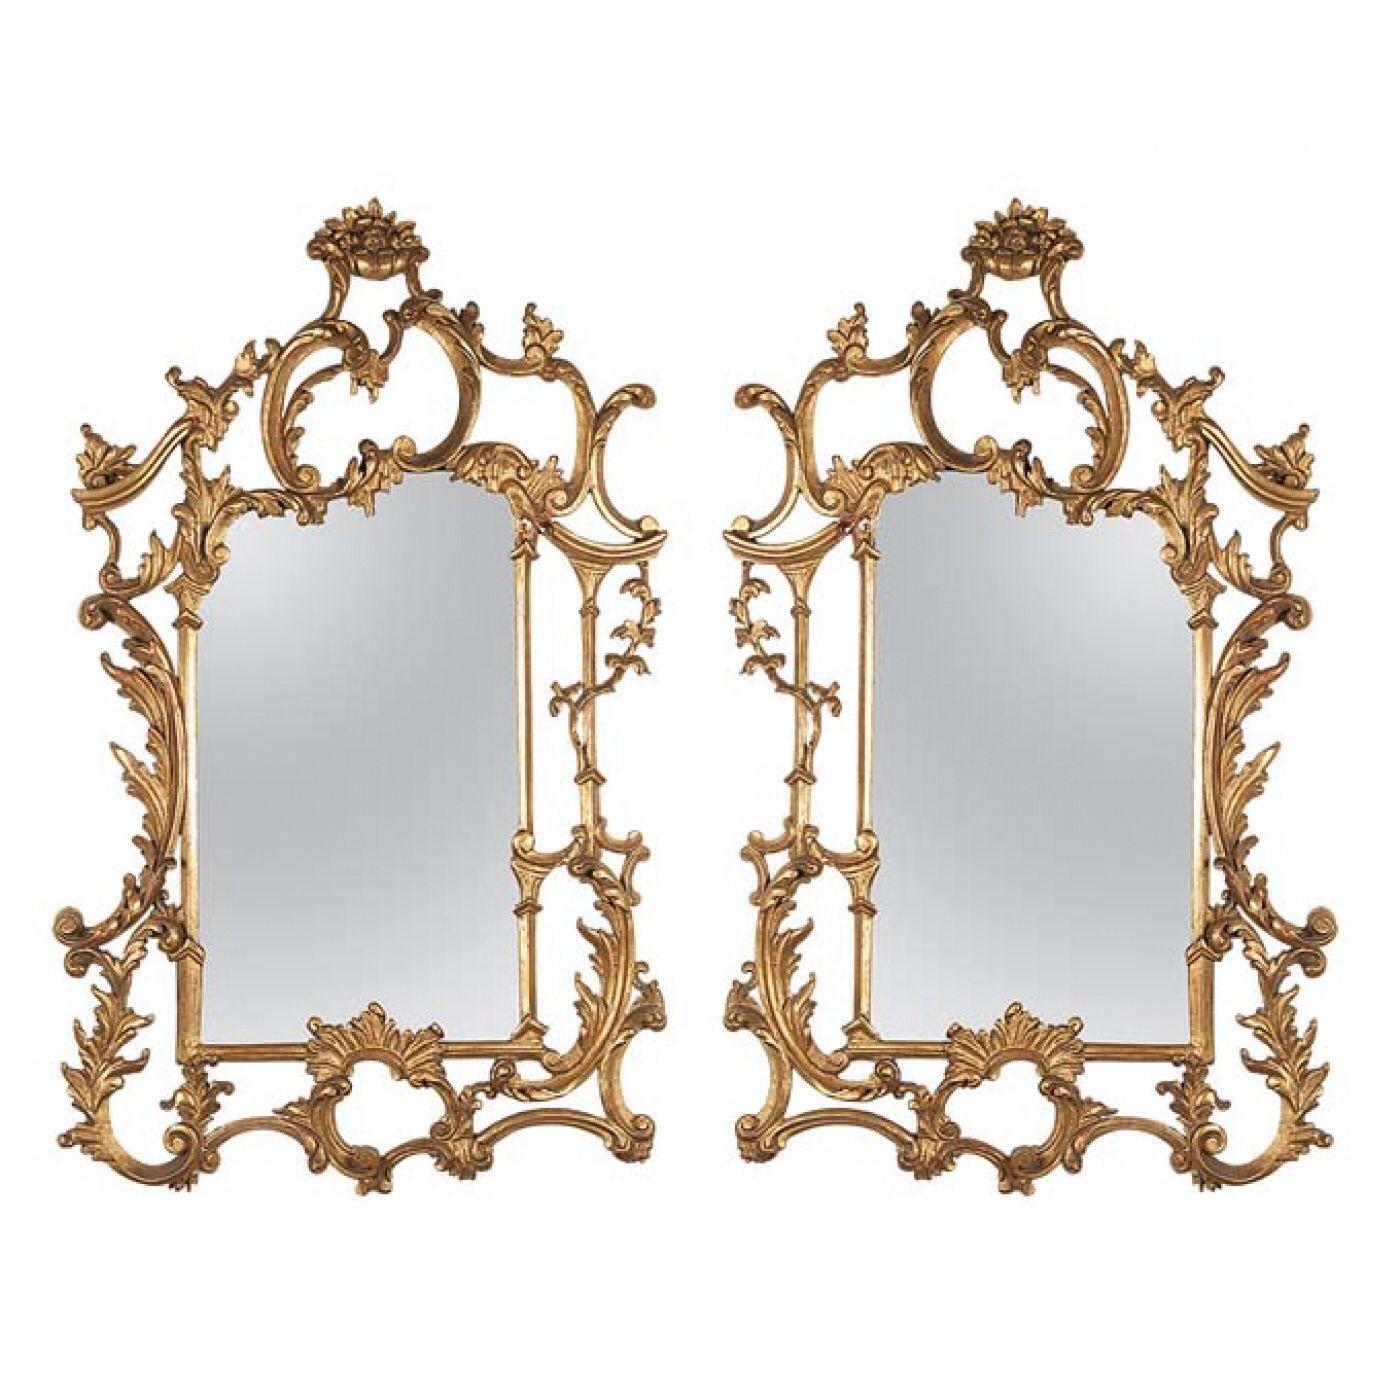 www.iarremate.com Leilão Villa Antica dia 05 e 06 de agosto às 20:30h! Lote 0293 Par de espelhos retangulares, emoldurados por madeira entalhada e dourada, fenestrada entre motivos florais de inspiração barroca. 90 x 60 cm. Brasil, séc. XIX. #espelho #decoração #arquitetura #antiguidades #escultura #beleza #villaantica #iarremate #florpimentelmidia